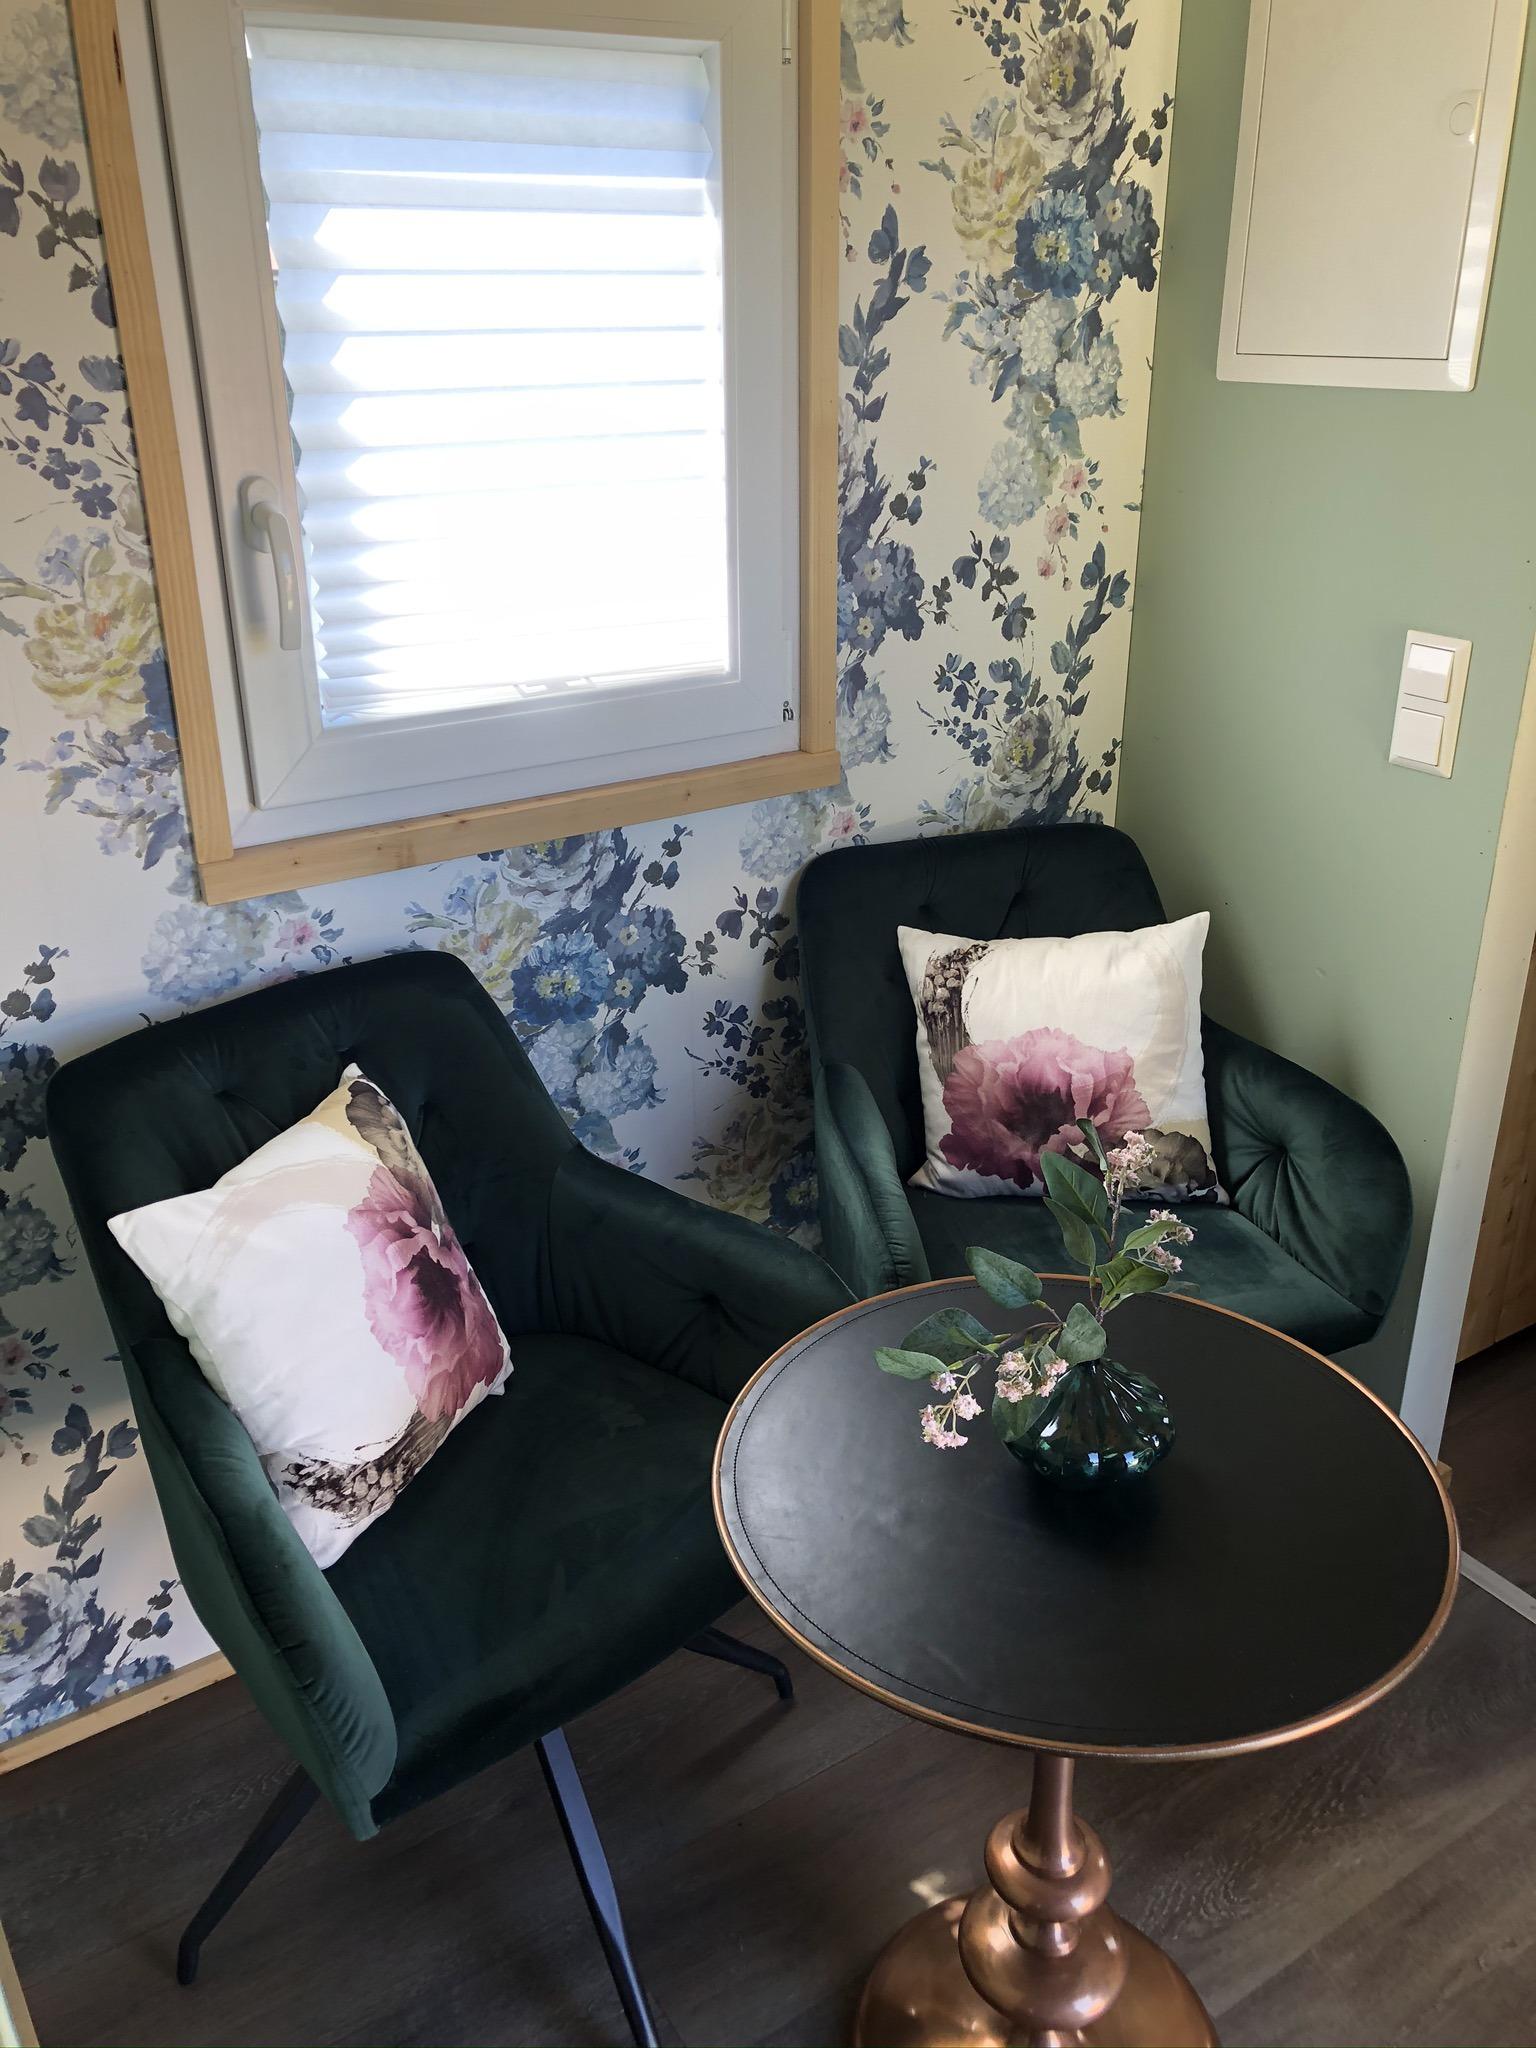 Die Sitzecke mit Sesseln und Tisch vor bunter Blumentapete